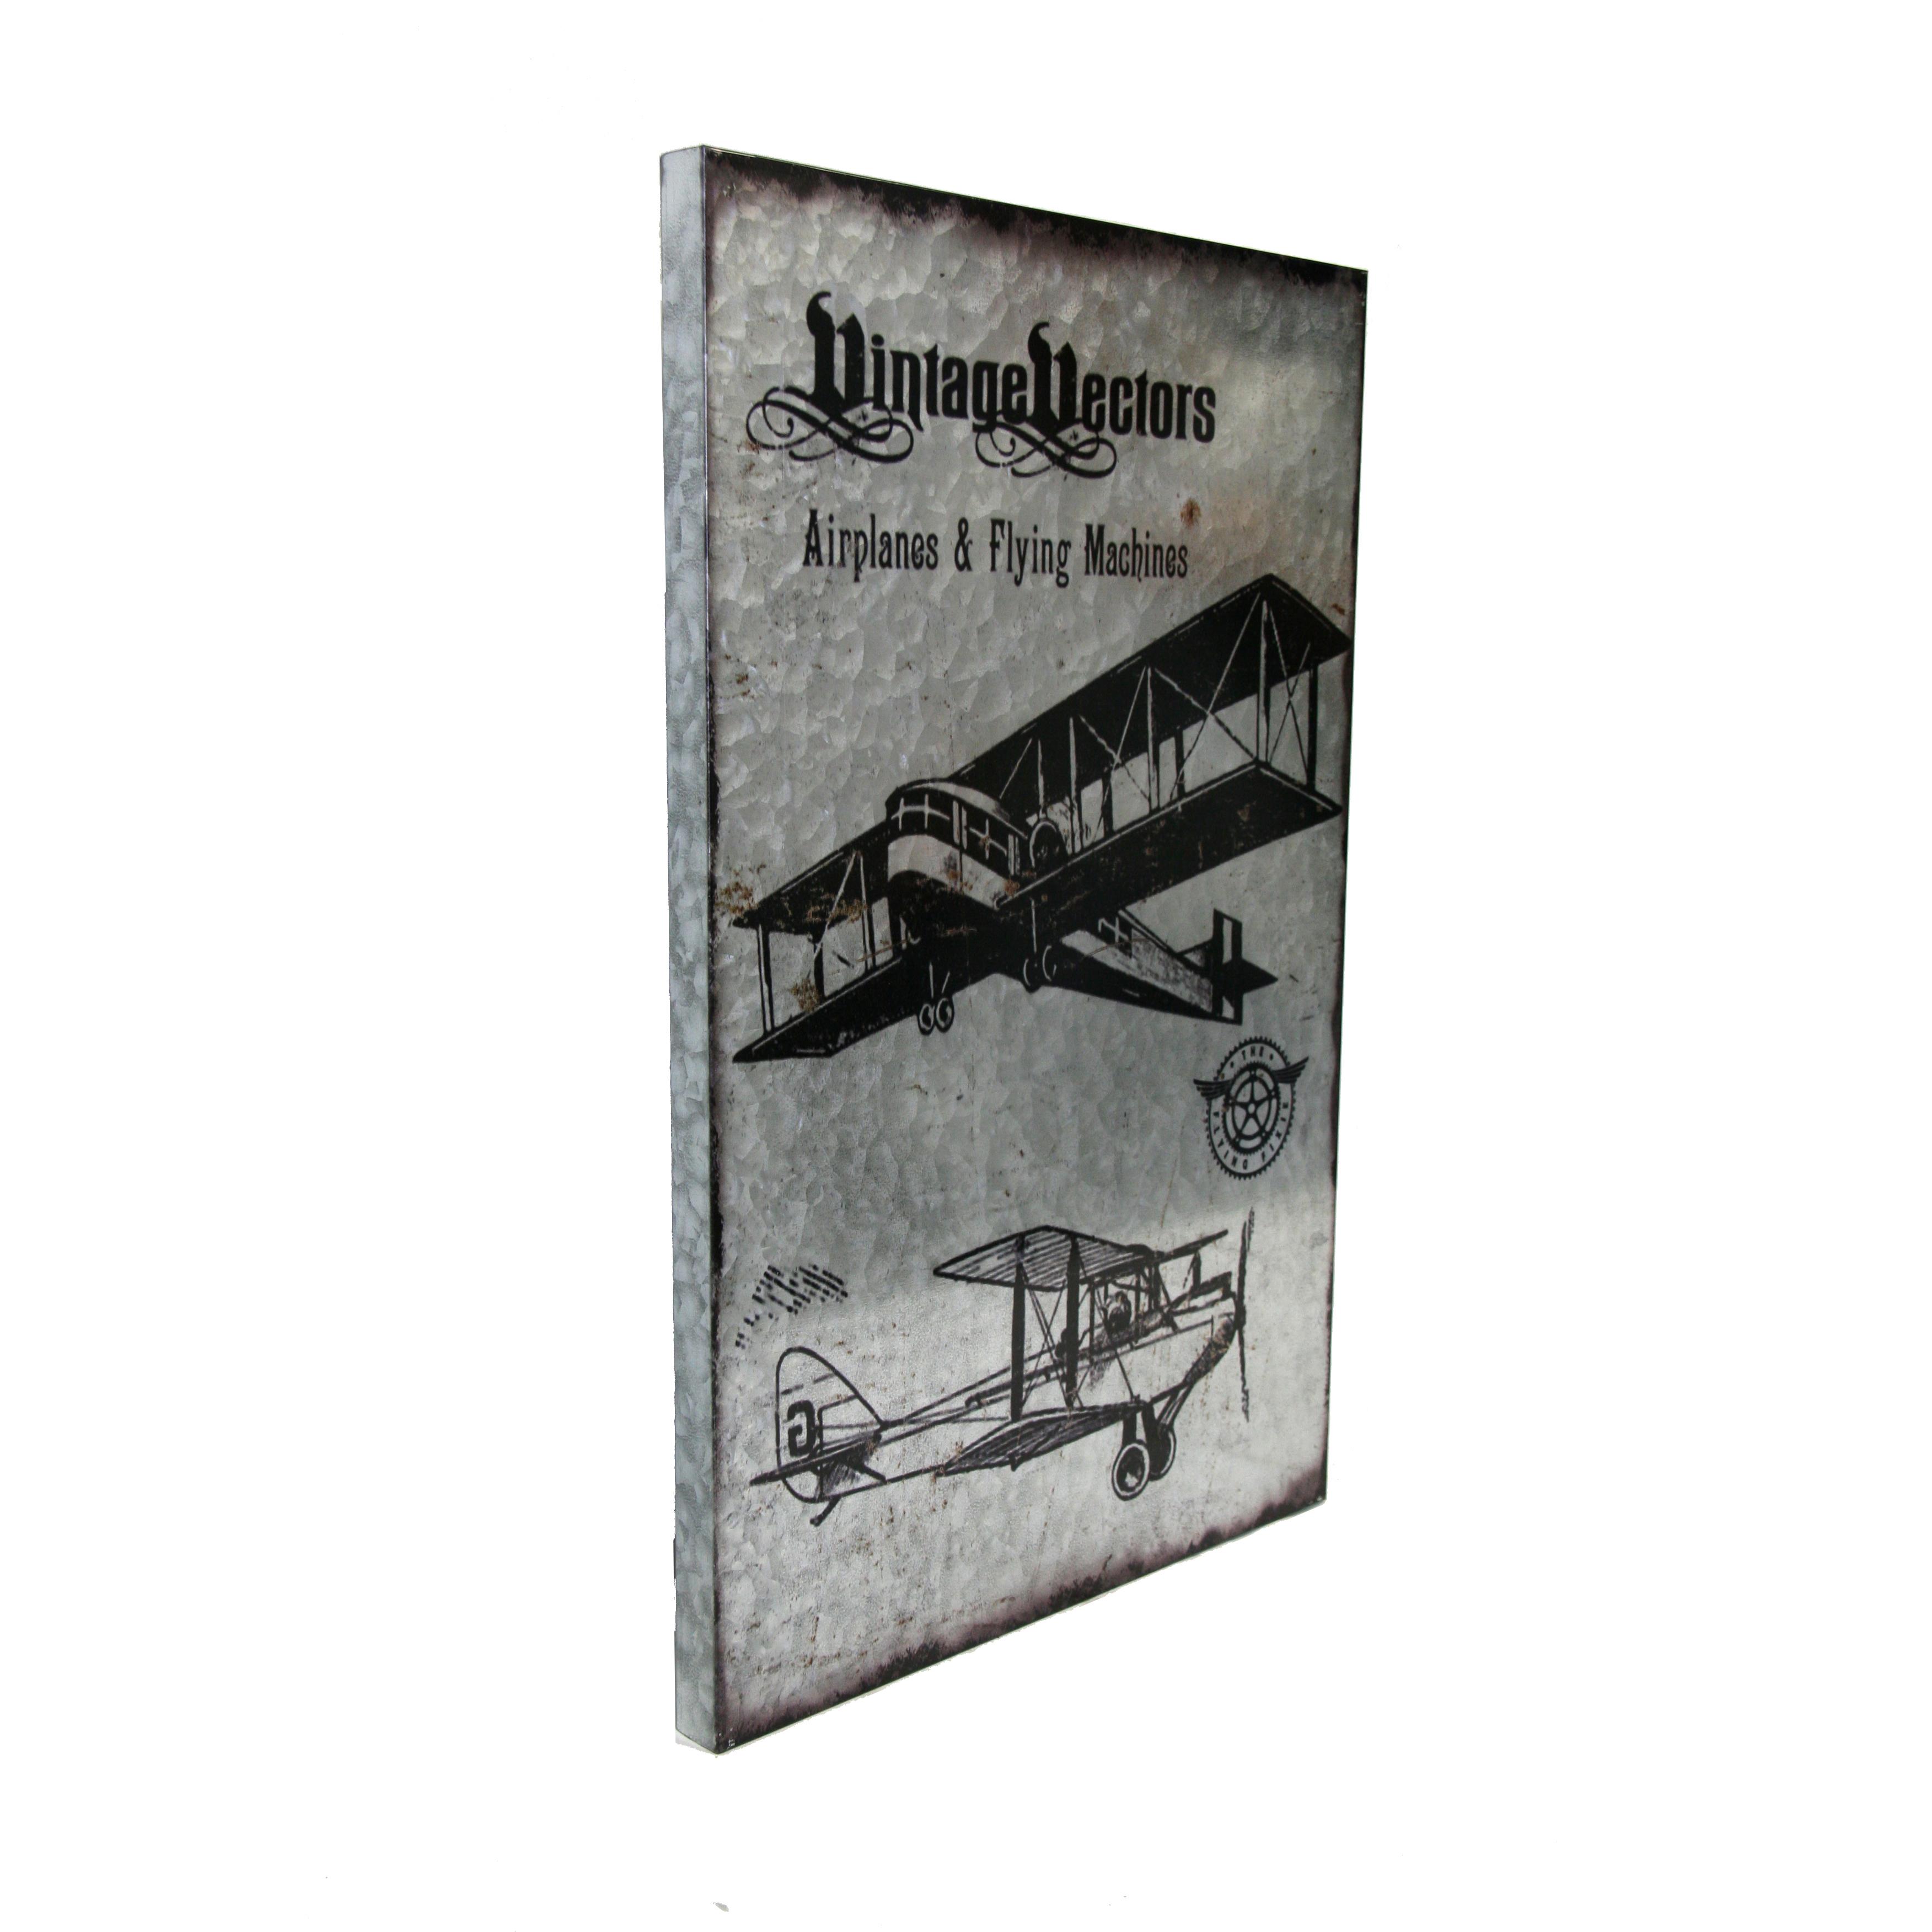 Metal Wall Art Vintage Vector Airplanes Amp Flying